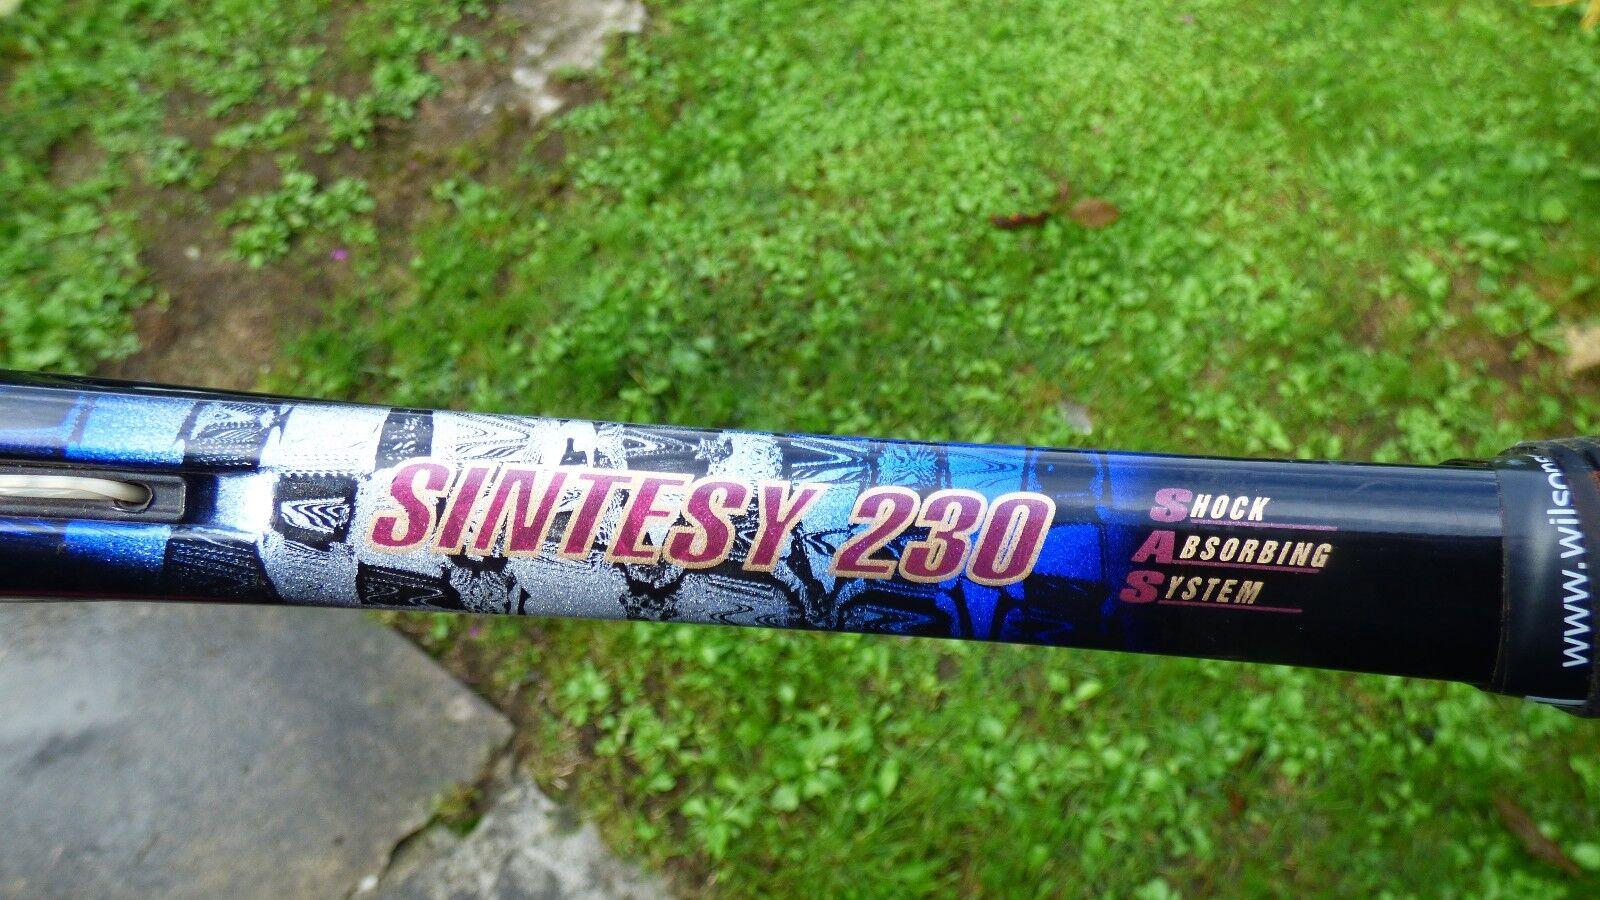 Tennisschläger Head Suntesy 230 230 230 tennis Schläger cd5b3f